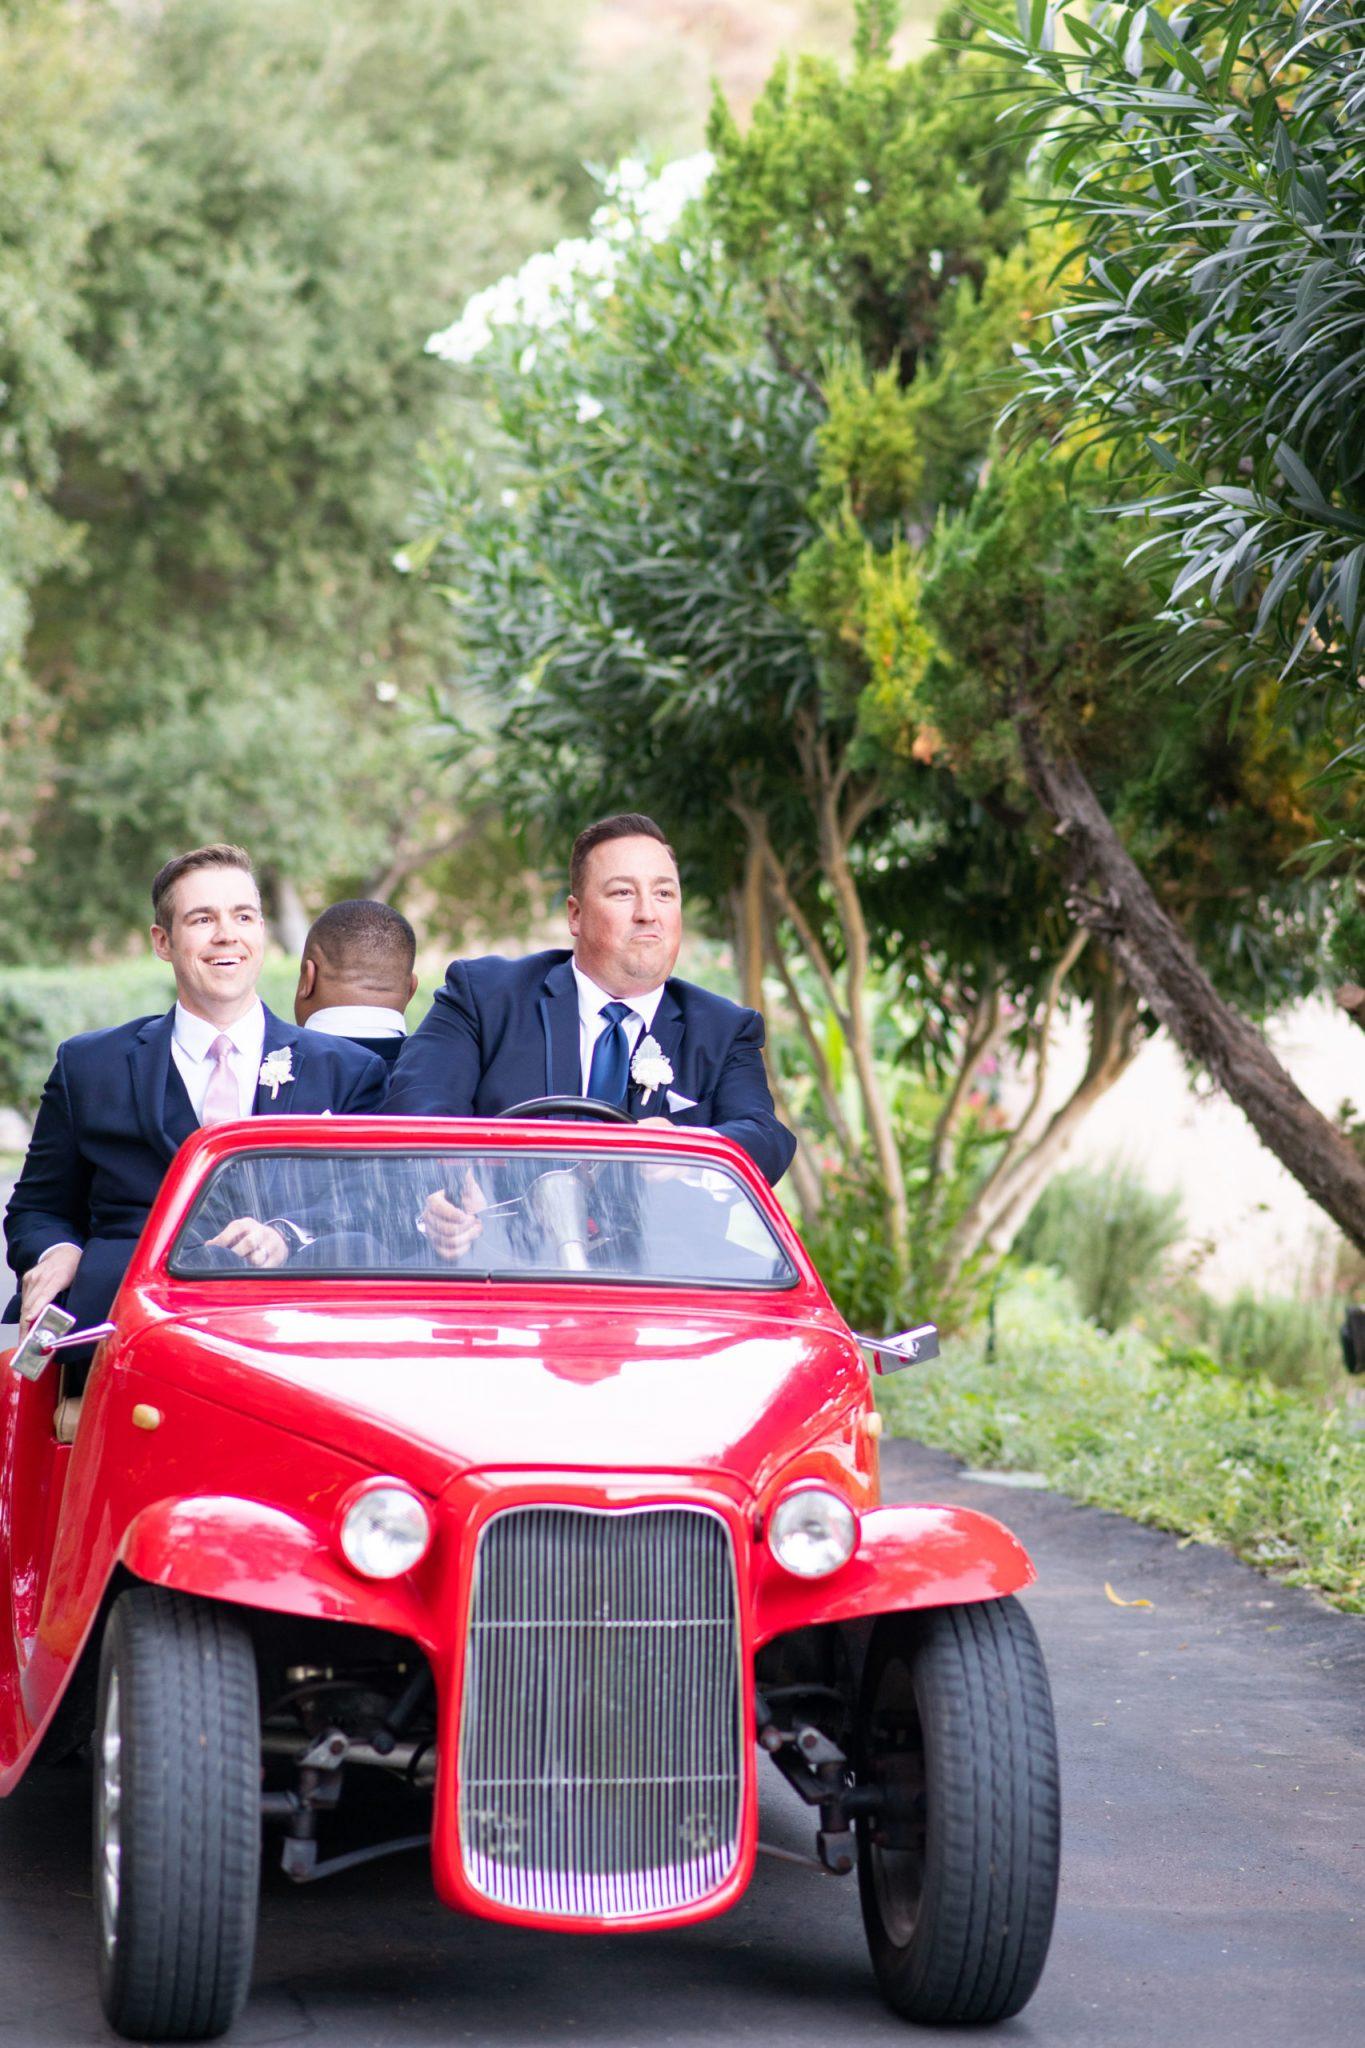 Matt Chrissy Wedding 3040 scaled